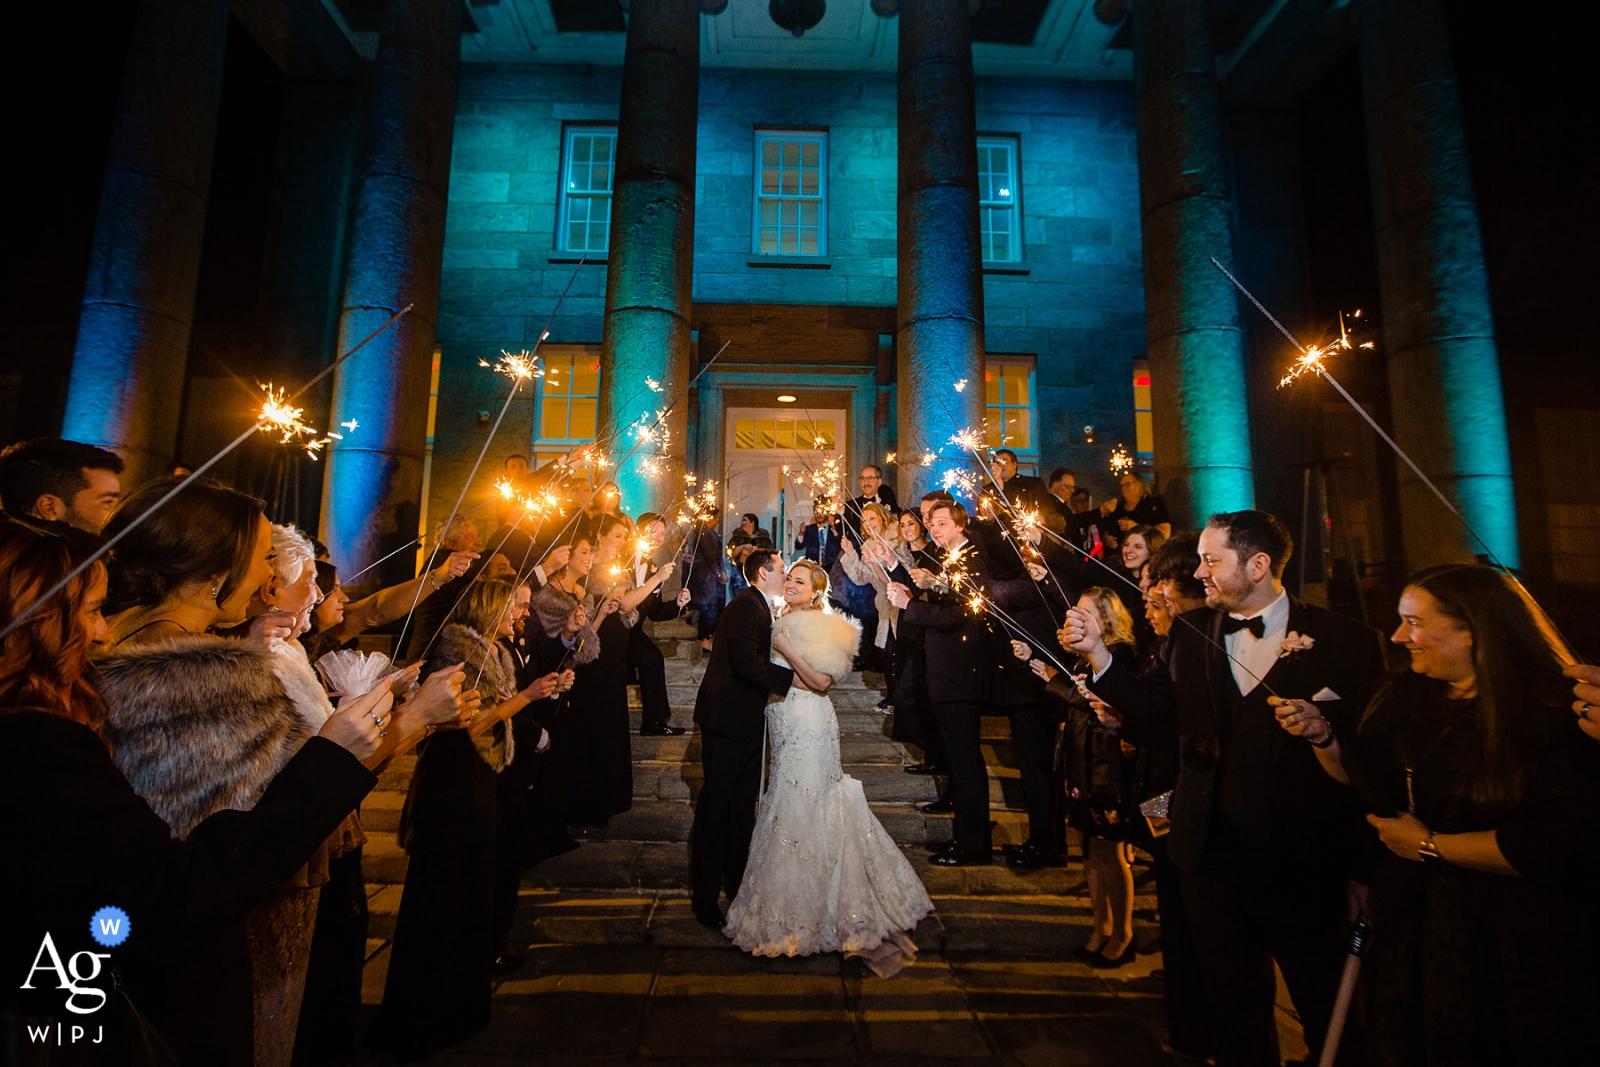 Hochzeitstag-Gruppenporträt im Ballsaal von Ellis Preserve, das die Nacht mit einer Wunderkerzenfeier beendet